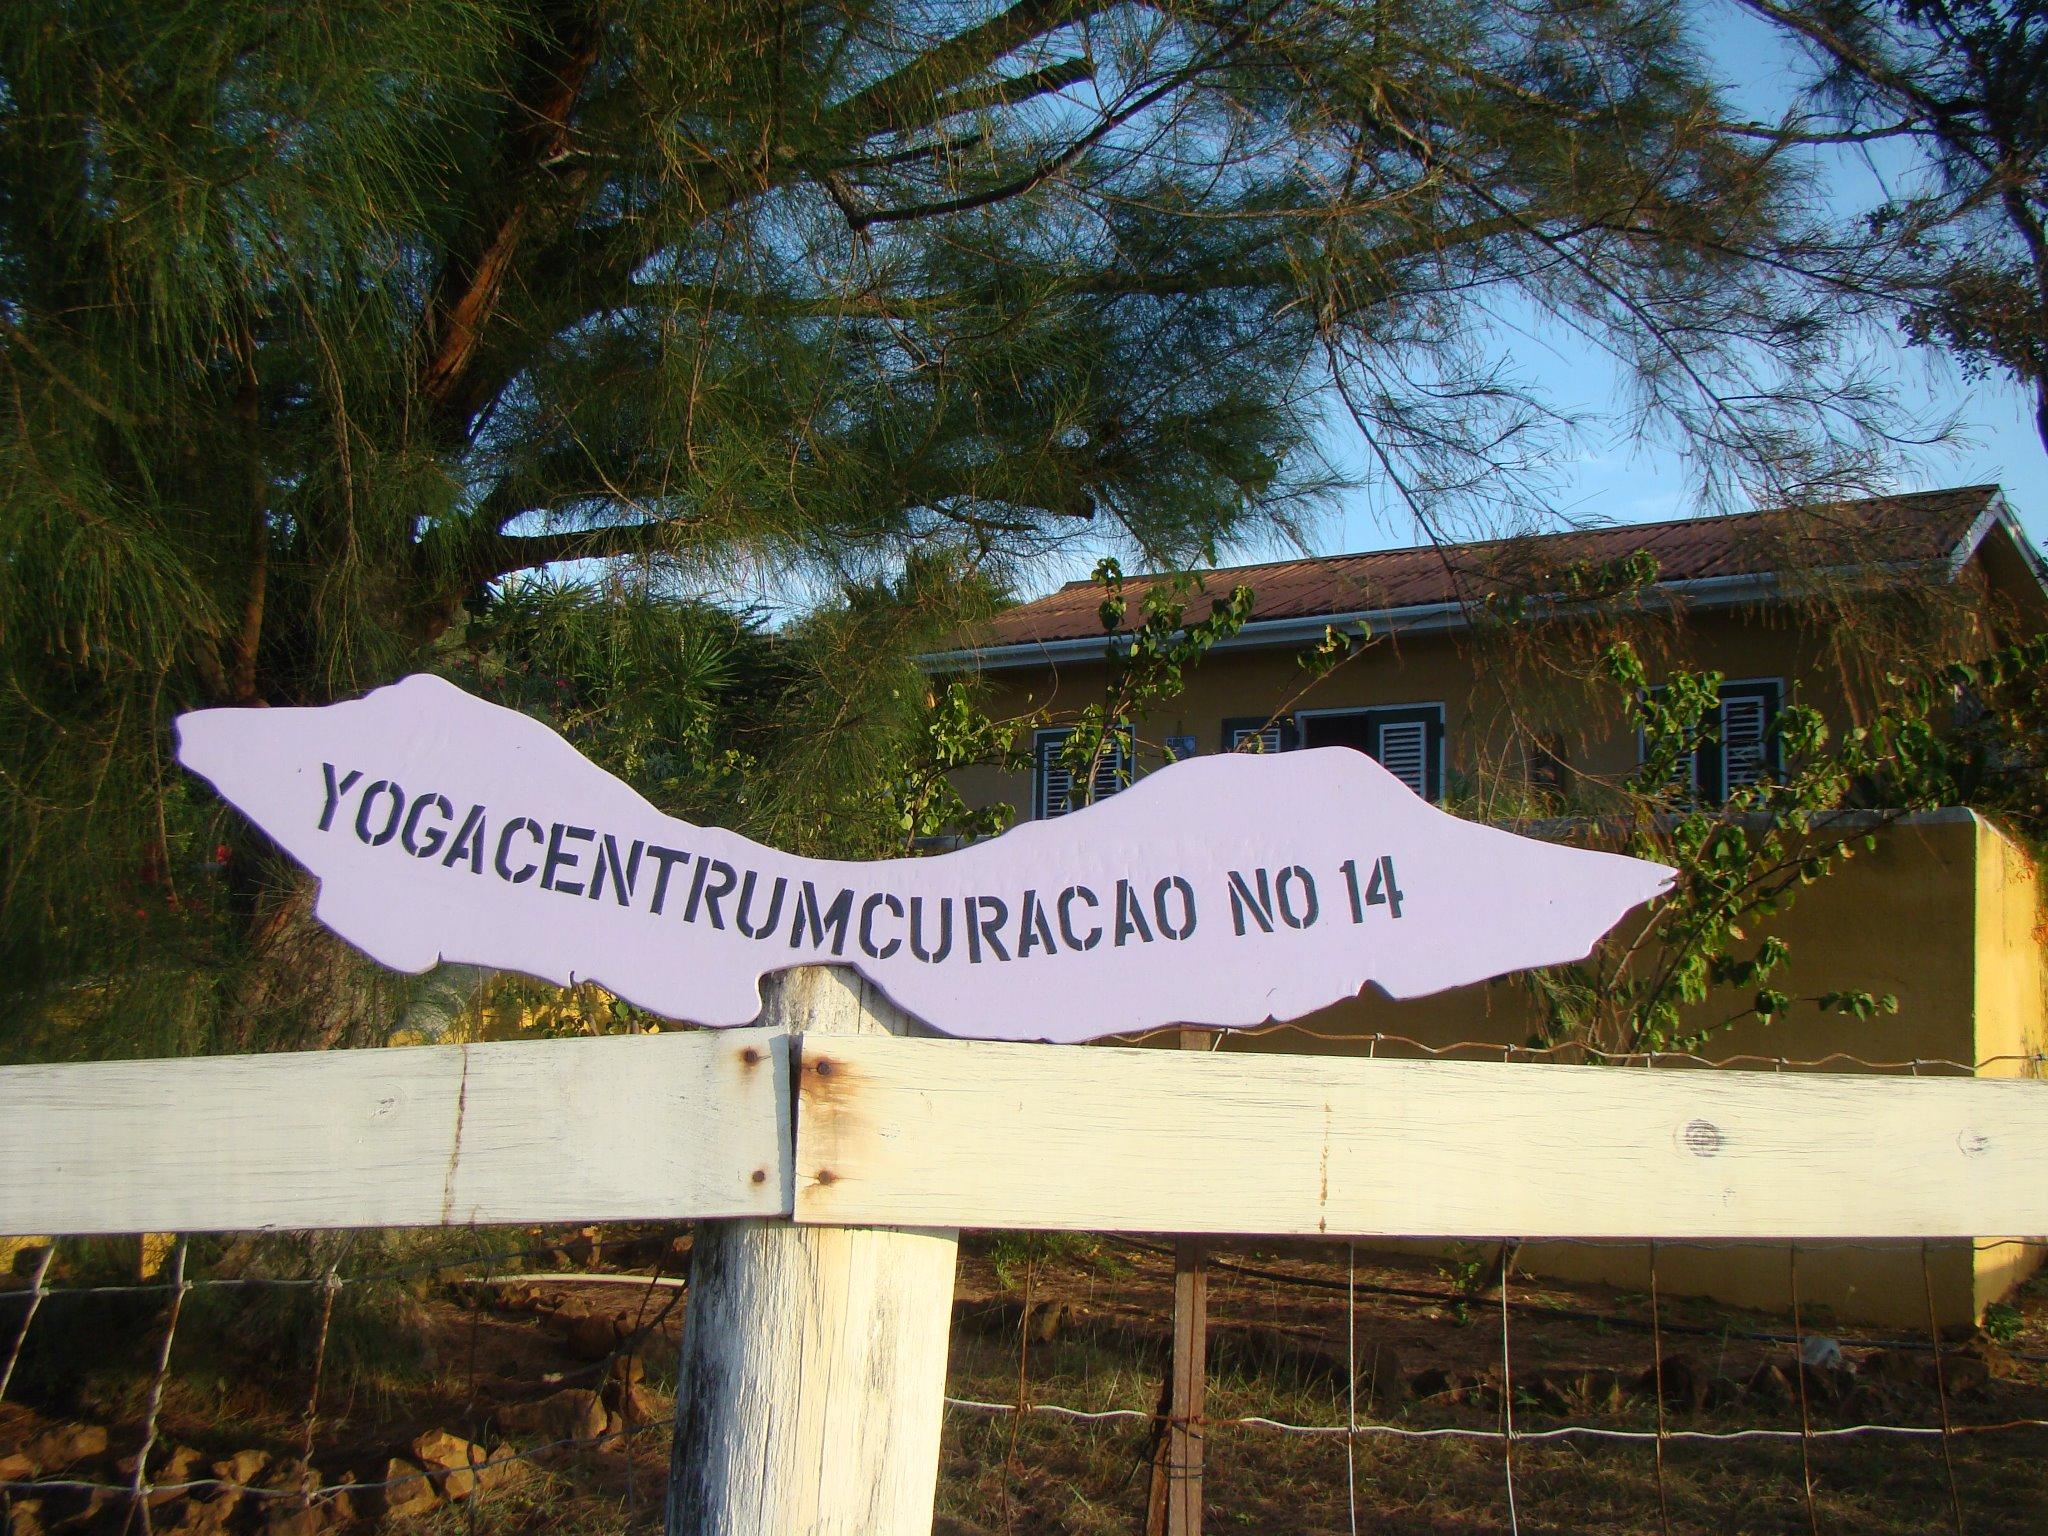 Yoga Centrum Curaçao